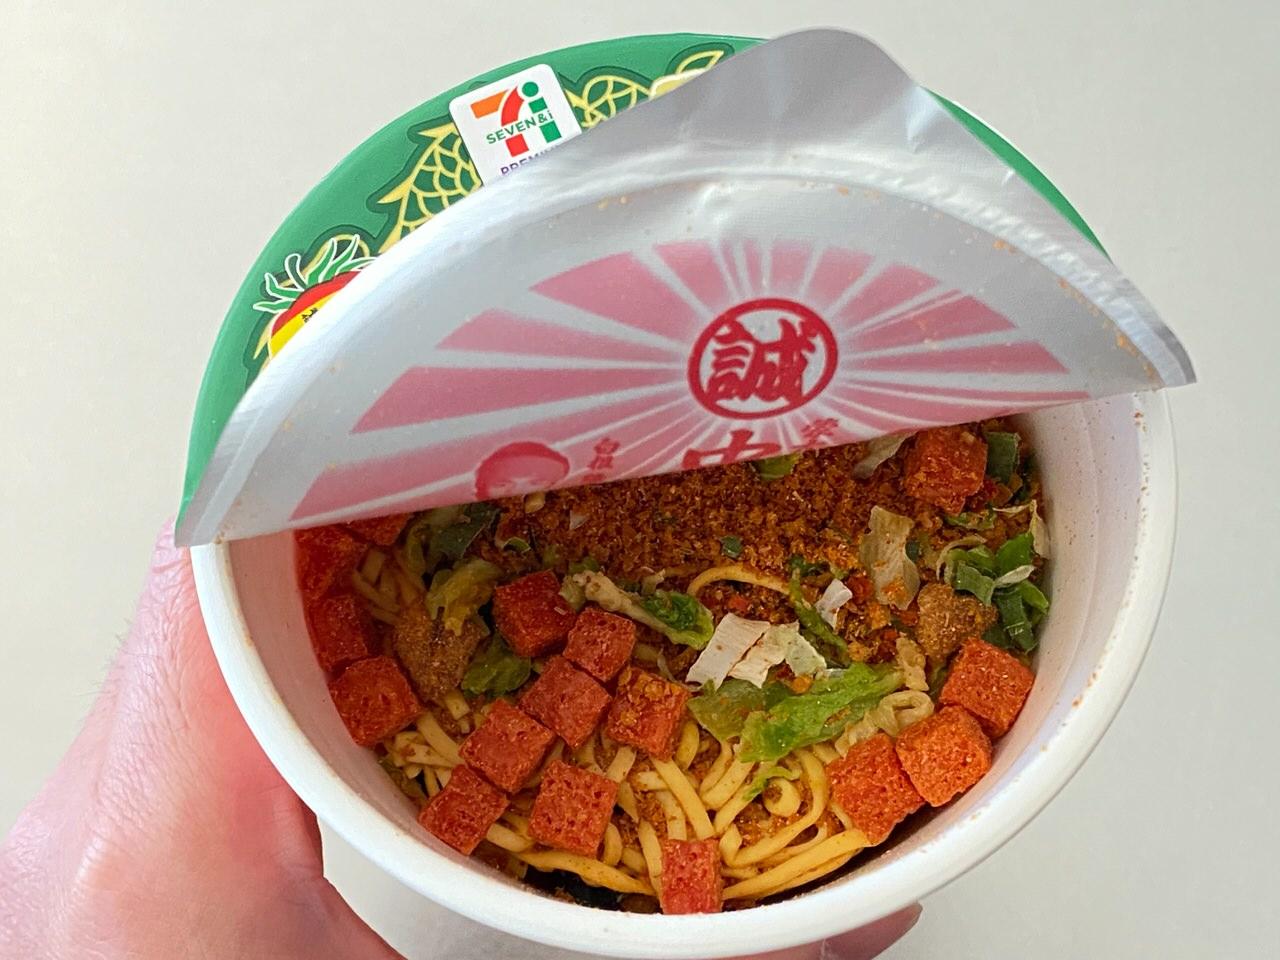 【中本】「蒙古トマタン」蒙古タンメンの辛旨味噌にトマトの酸味のスープが旨い 05